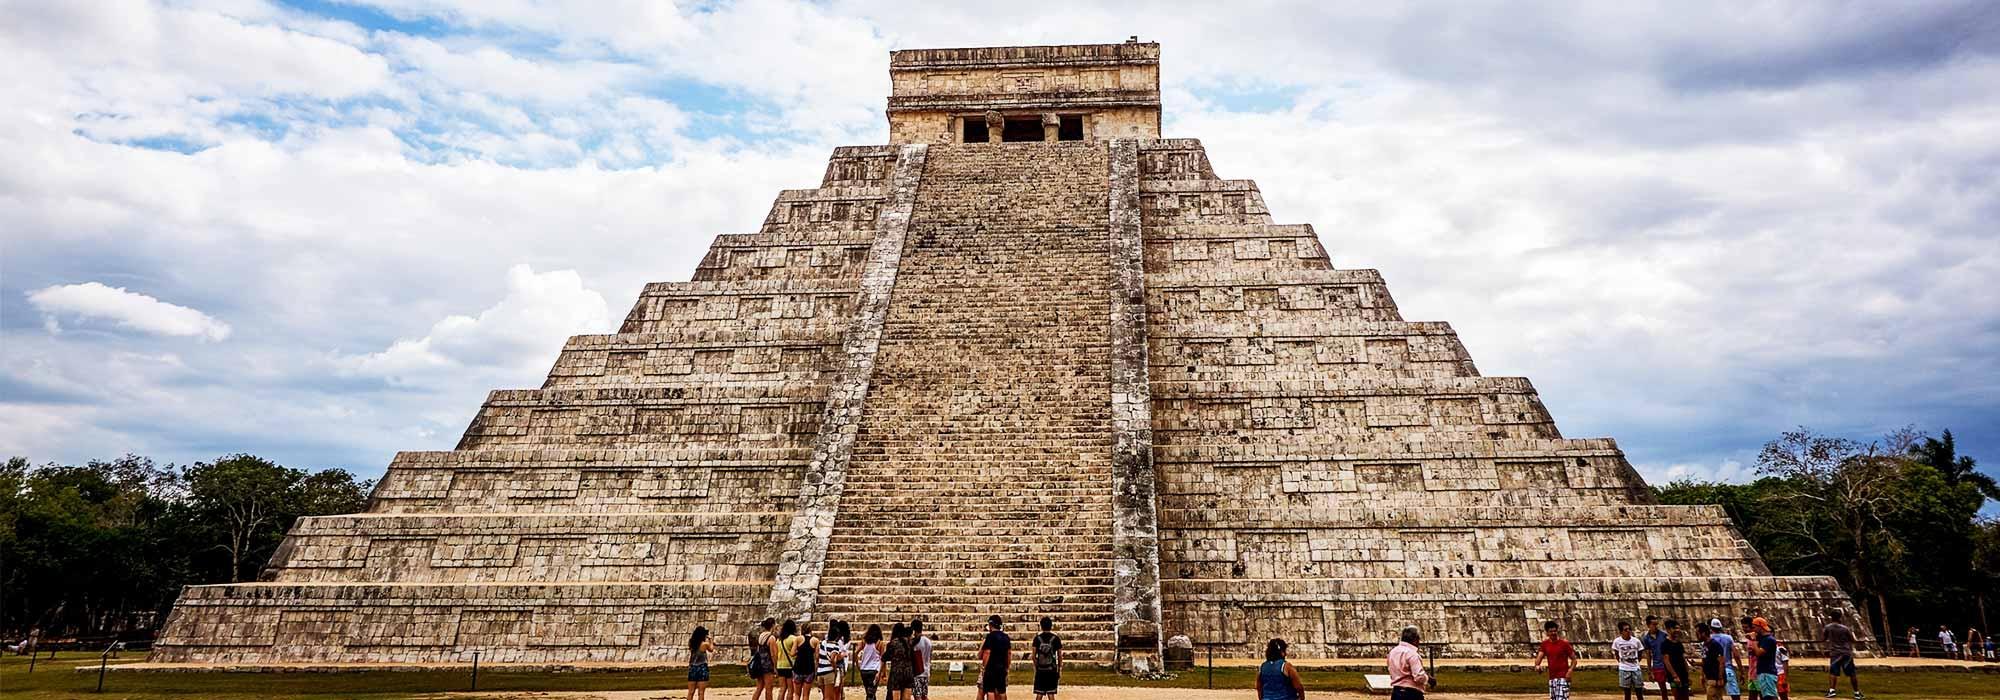 10 major achievements of the ancient aztec civilization - 2000×700